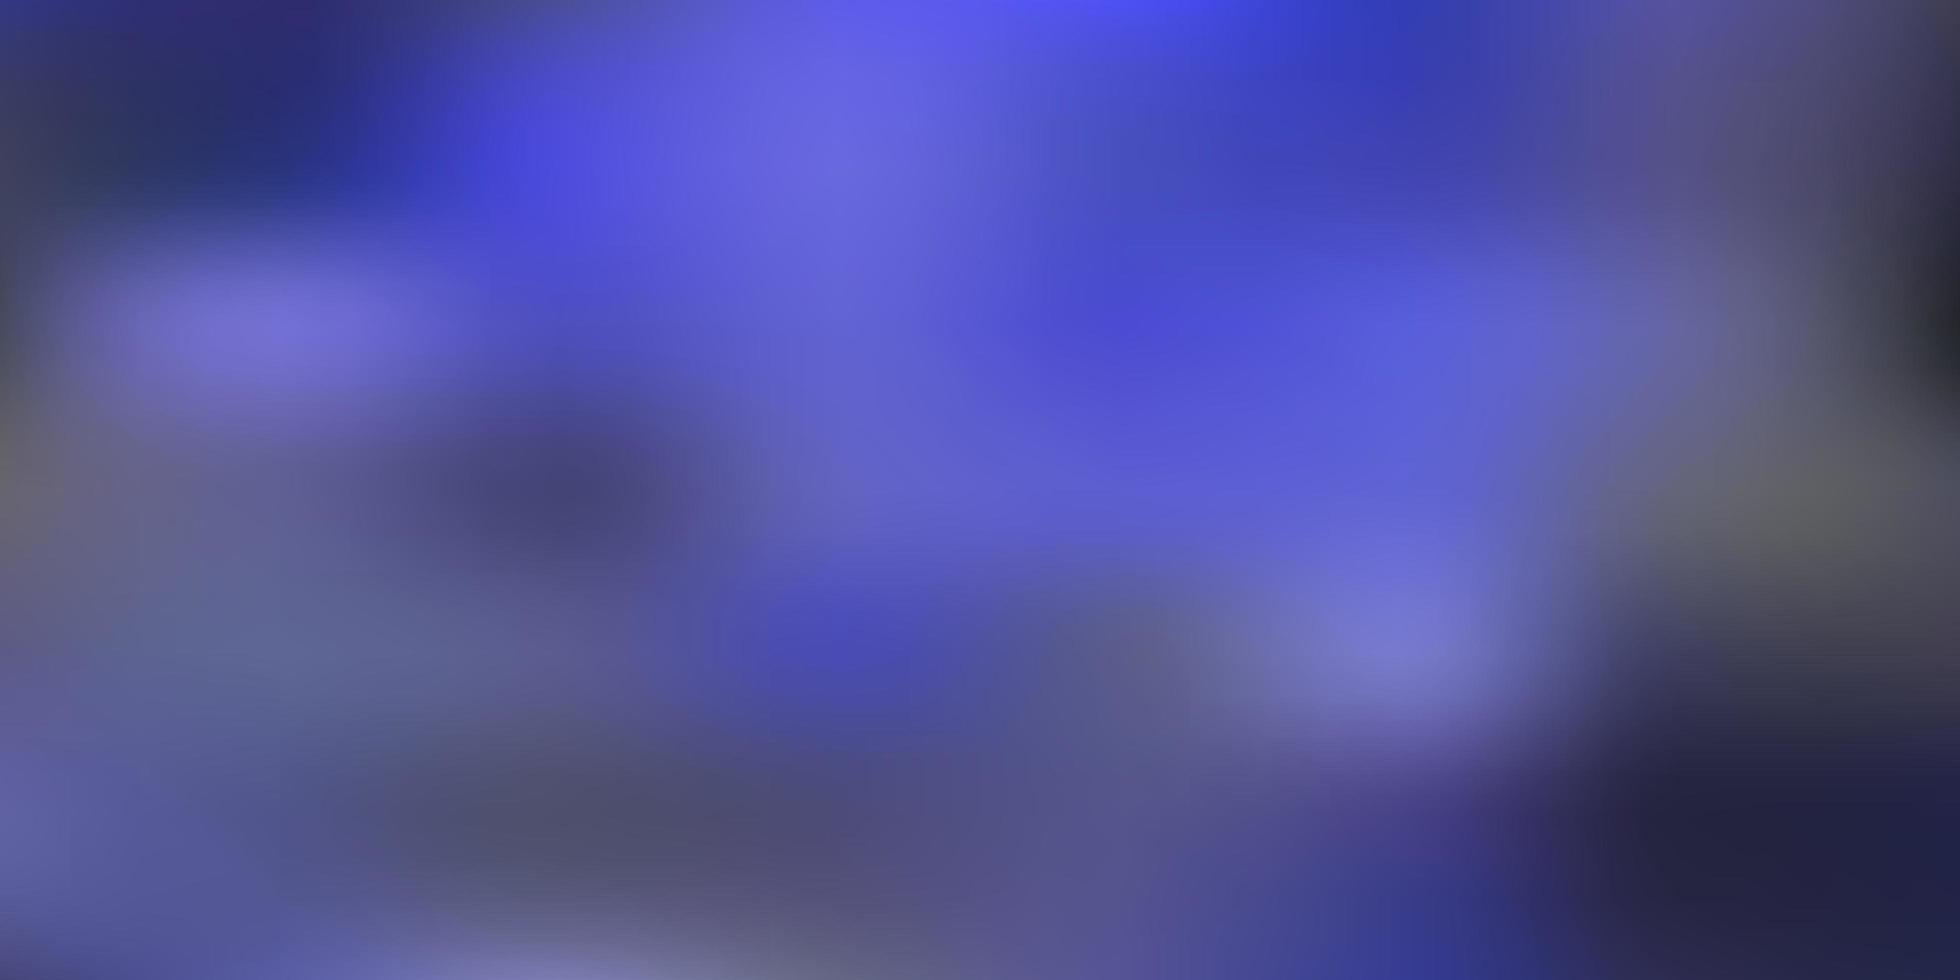 abstrakter Unschärfehintergrund des dunkelblauen Vektors. vektor